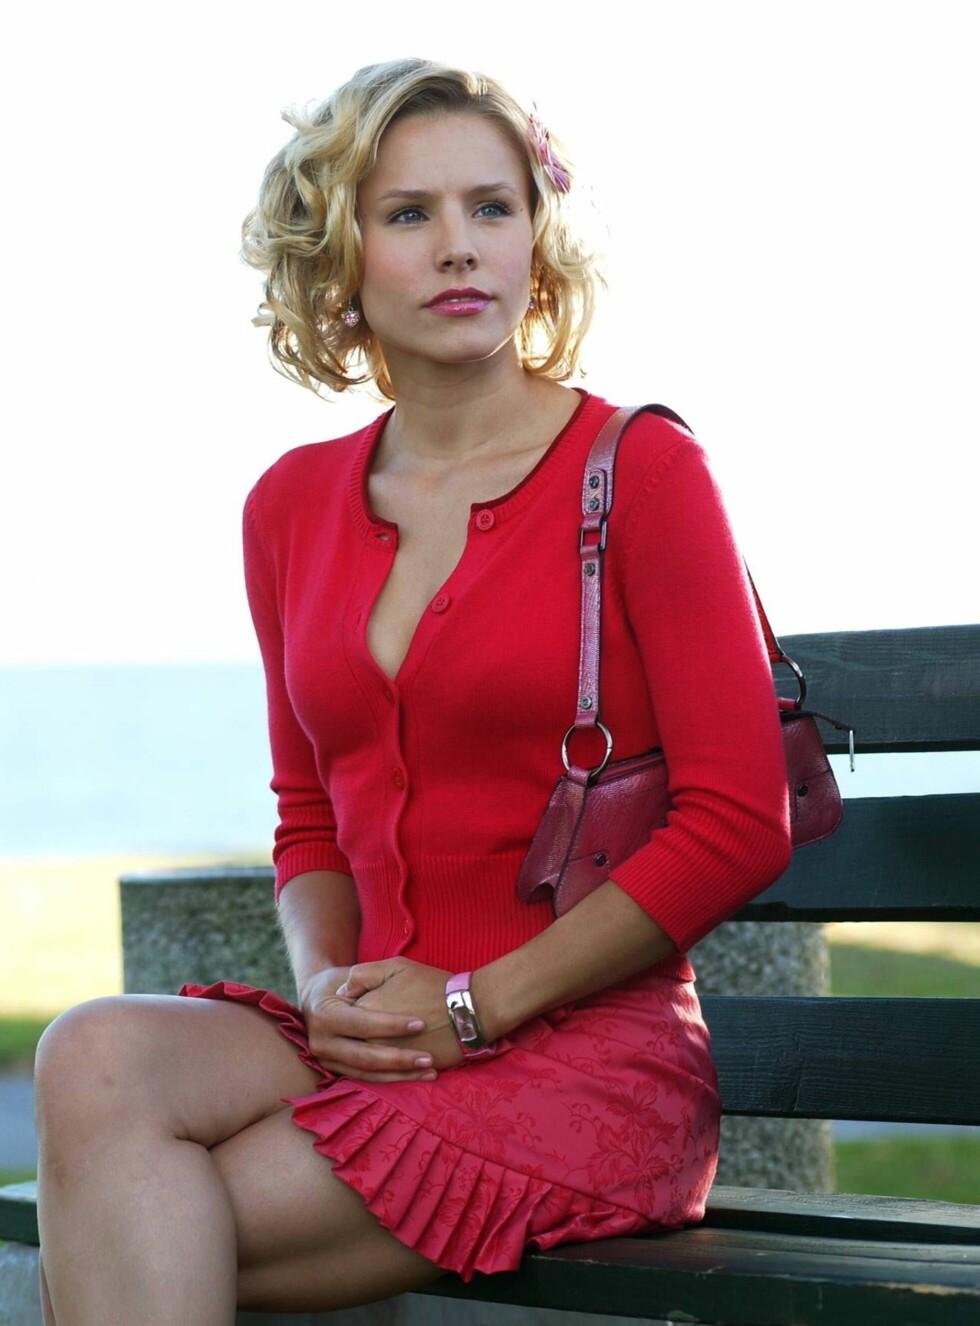 TV-STJERNE: Kristen Bell er best kjent fra TV-serien «Veronica Mars». Snart kommer TV-serien som film. Foto: TVNorge